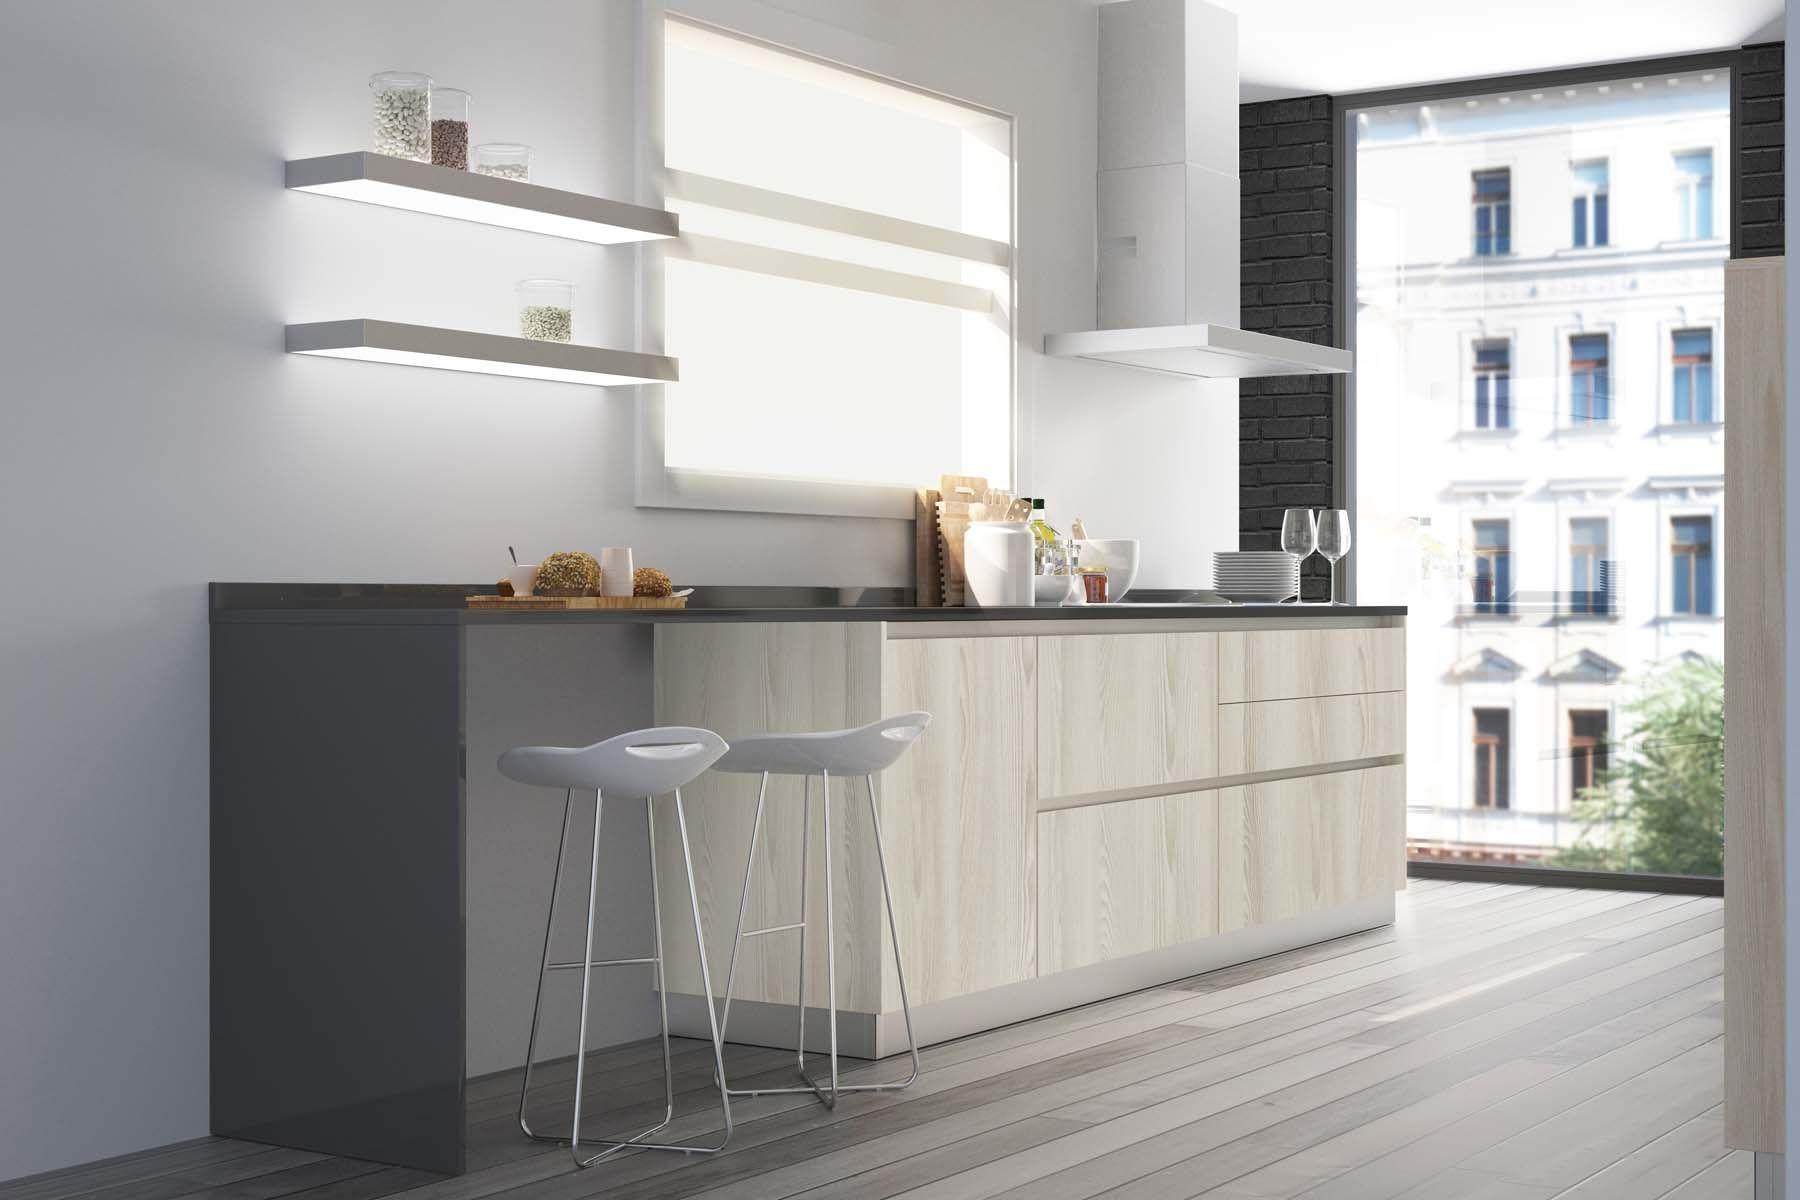 Espacio Para La Cocci N Organizado Con Una Bater A De Cajones Y  # Muebles Xp Instalaciones